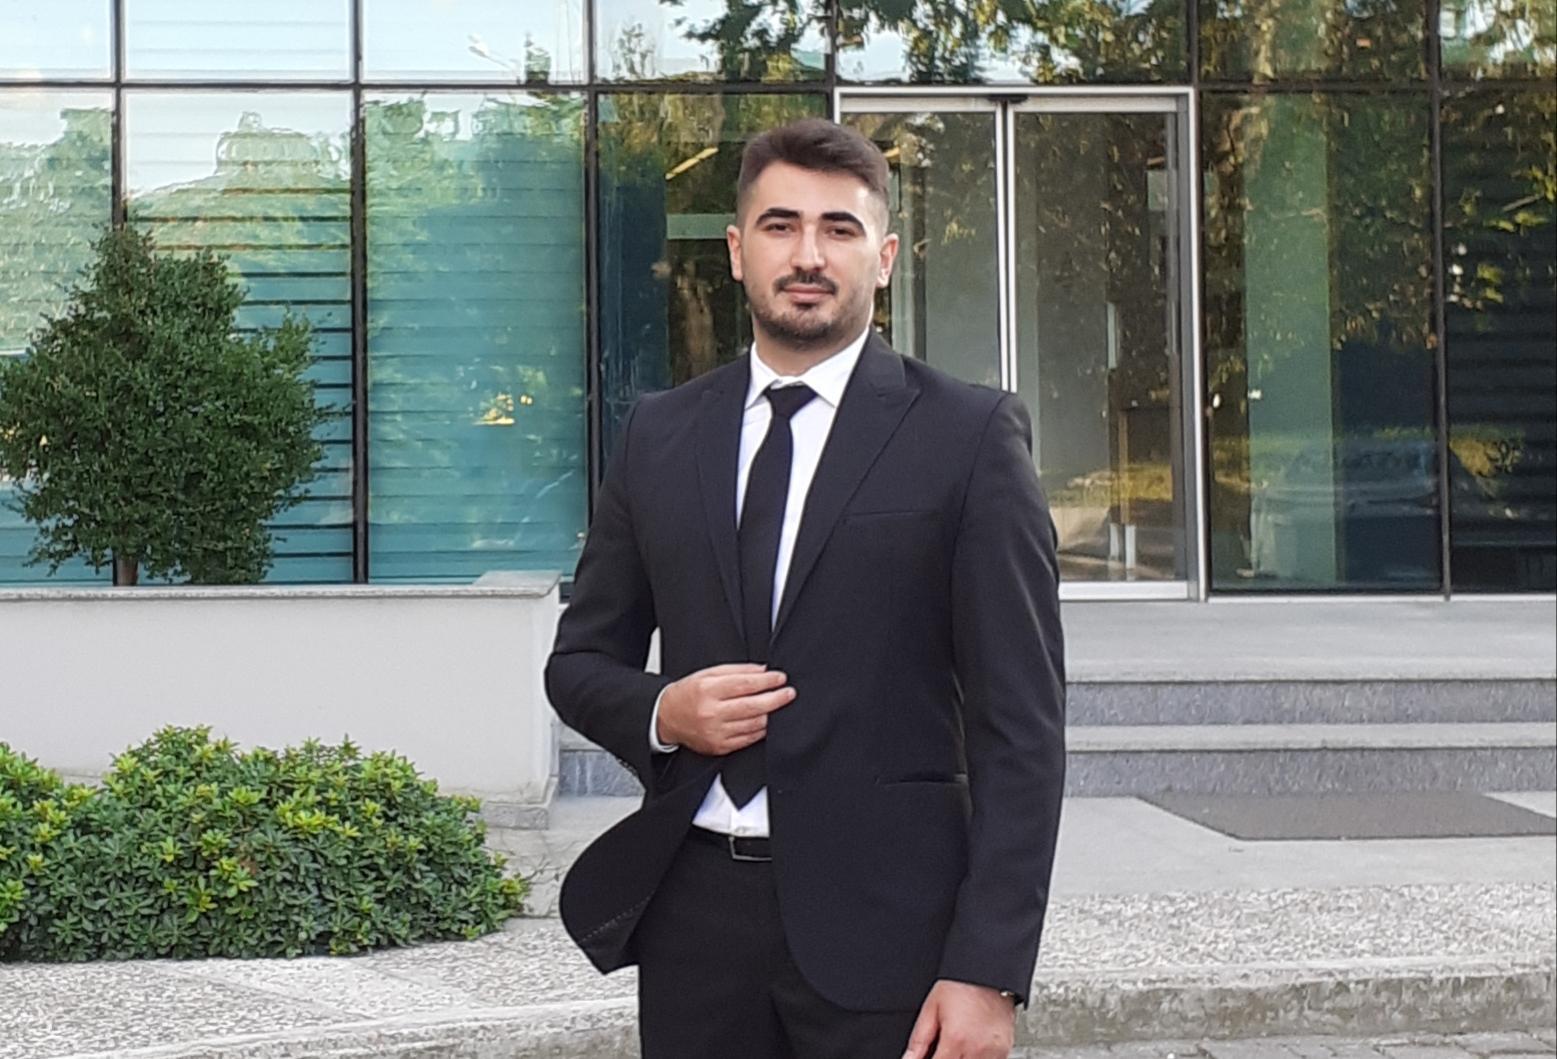 Bəhlul Əliyev